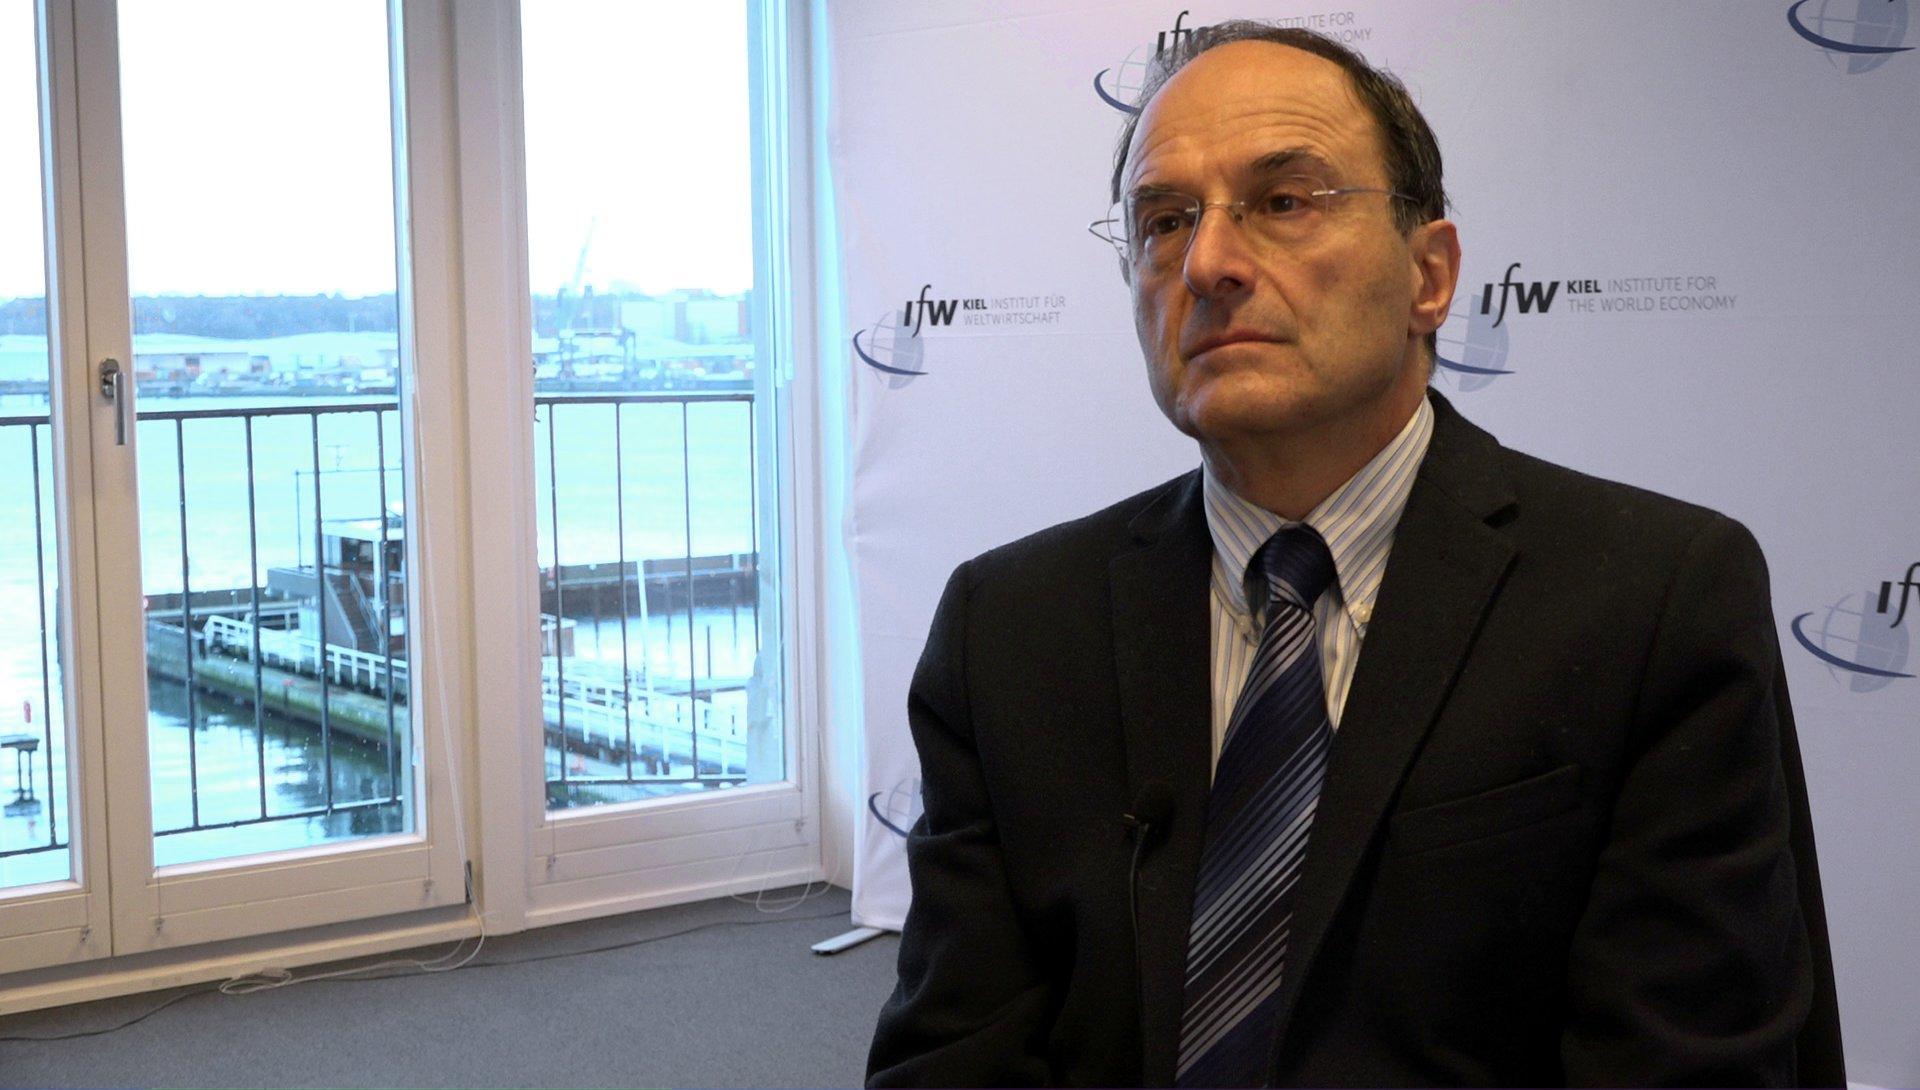 Interview mit IfW-Chef Dennis Snower über soziale Ungleichheit und Populismus